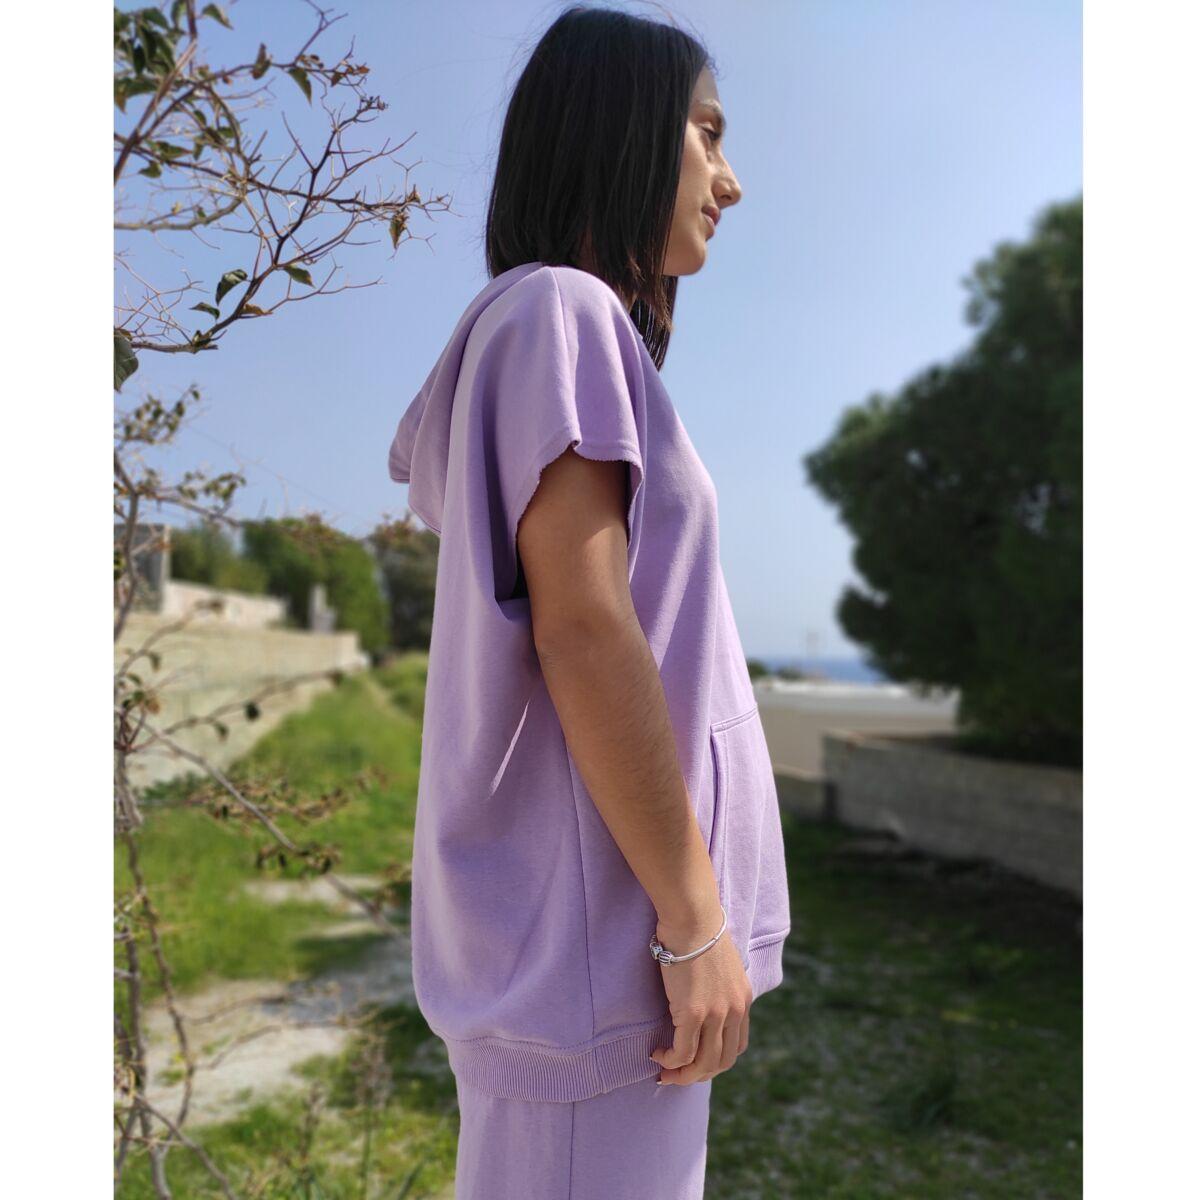 Μπλούζα φούτερ μωβ Μπλούζες Ρούχα αξεσουάρ 2